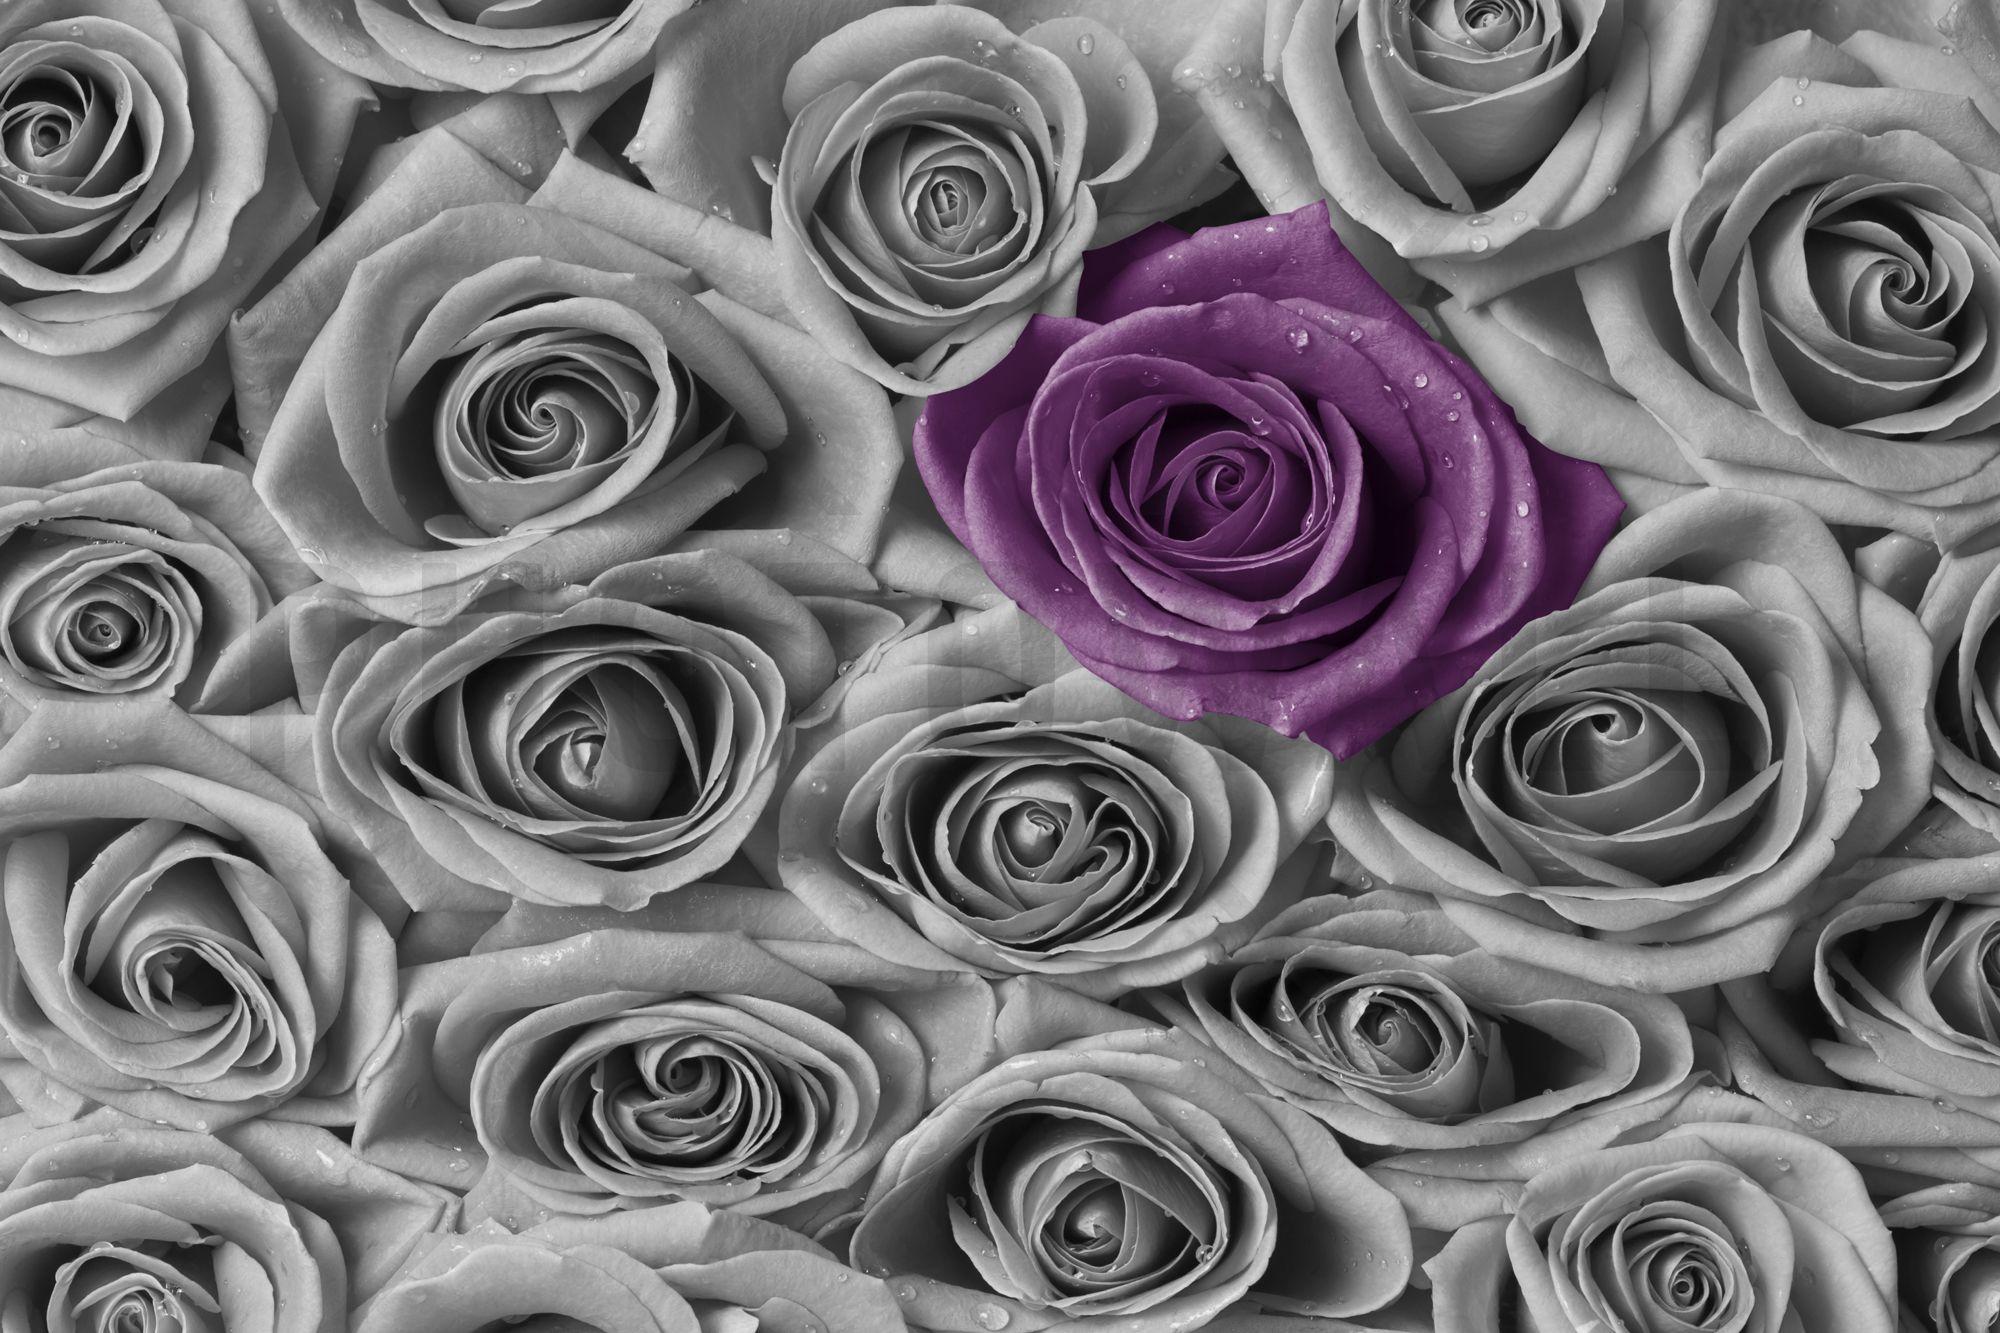 него картинки в розово серых тонах наиболее популярных